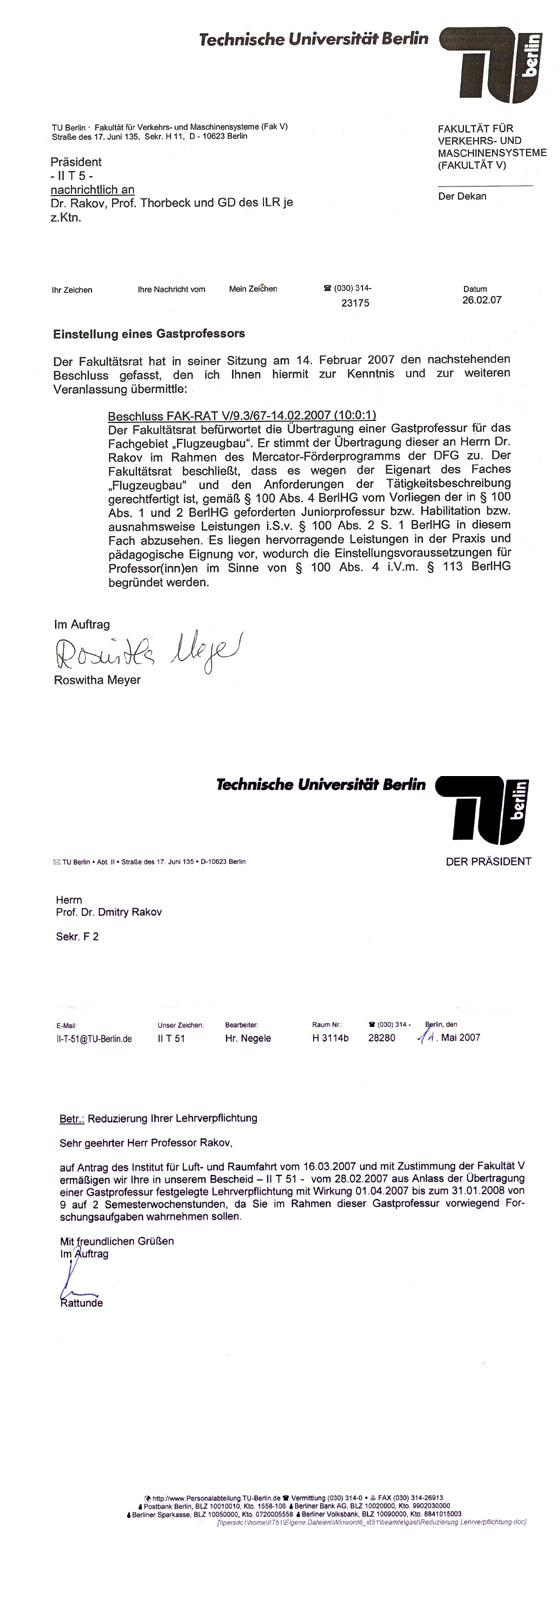 Outstanding Karriereziel Für Luft Und Raumfahrt Ingenieur ...